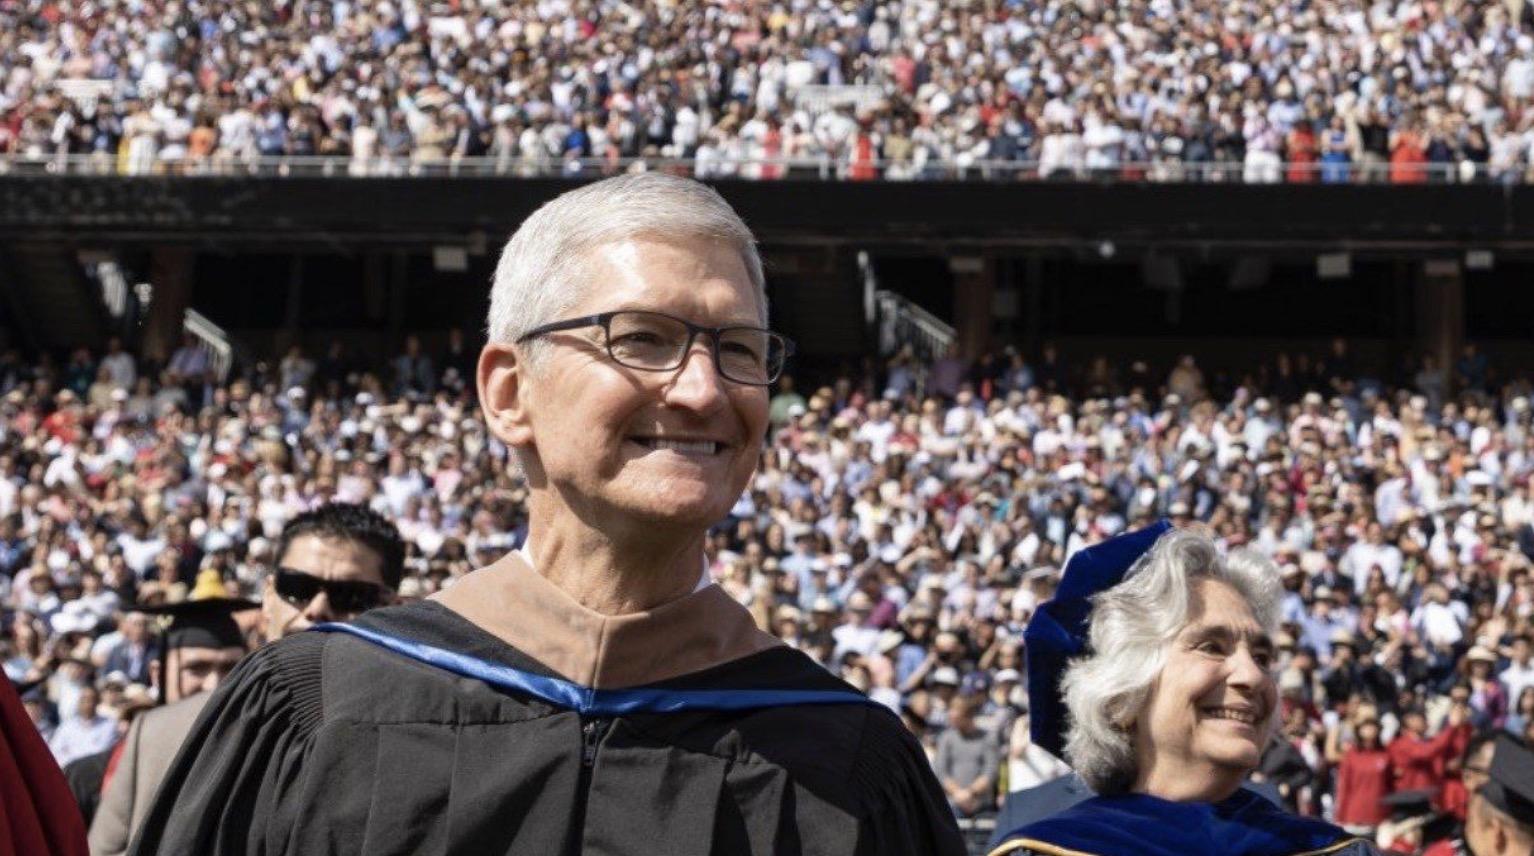 14 ans après Steve Jobs, Tim Cook prononce un discours à Stanford et encourage la responsabilité des entreprises 1